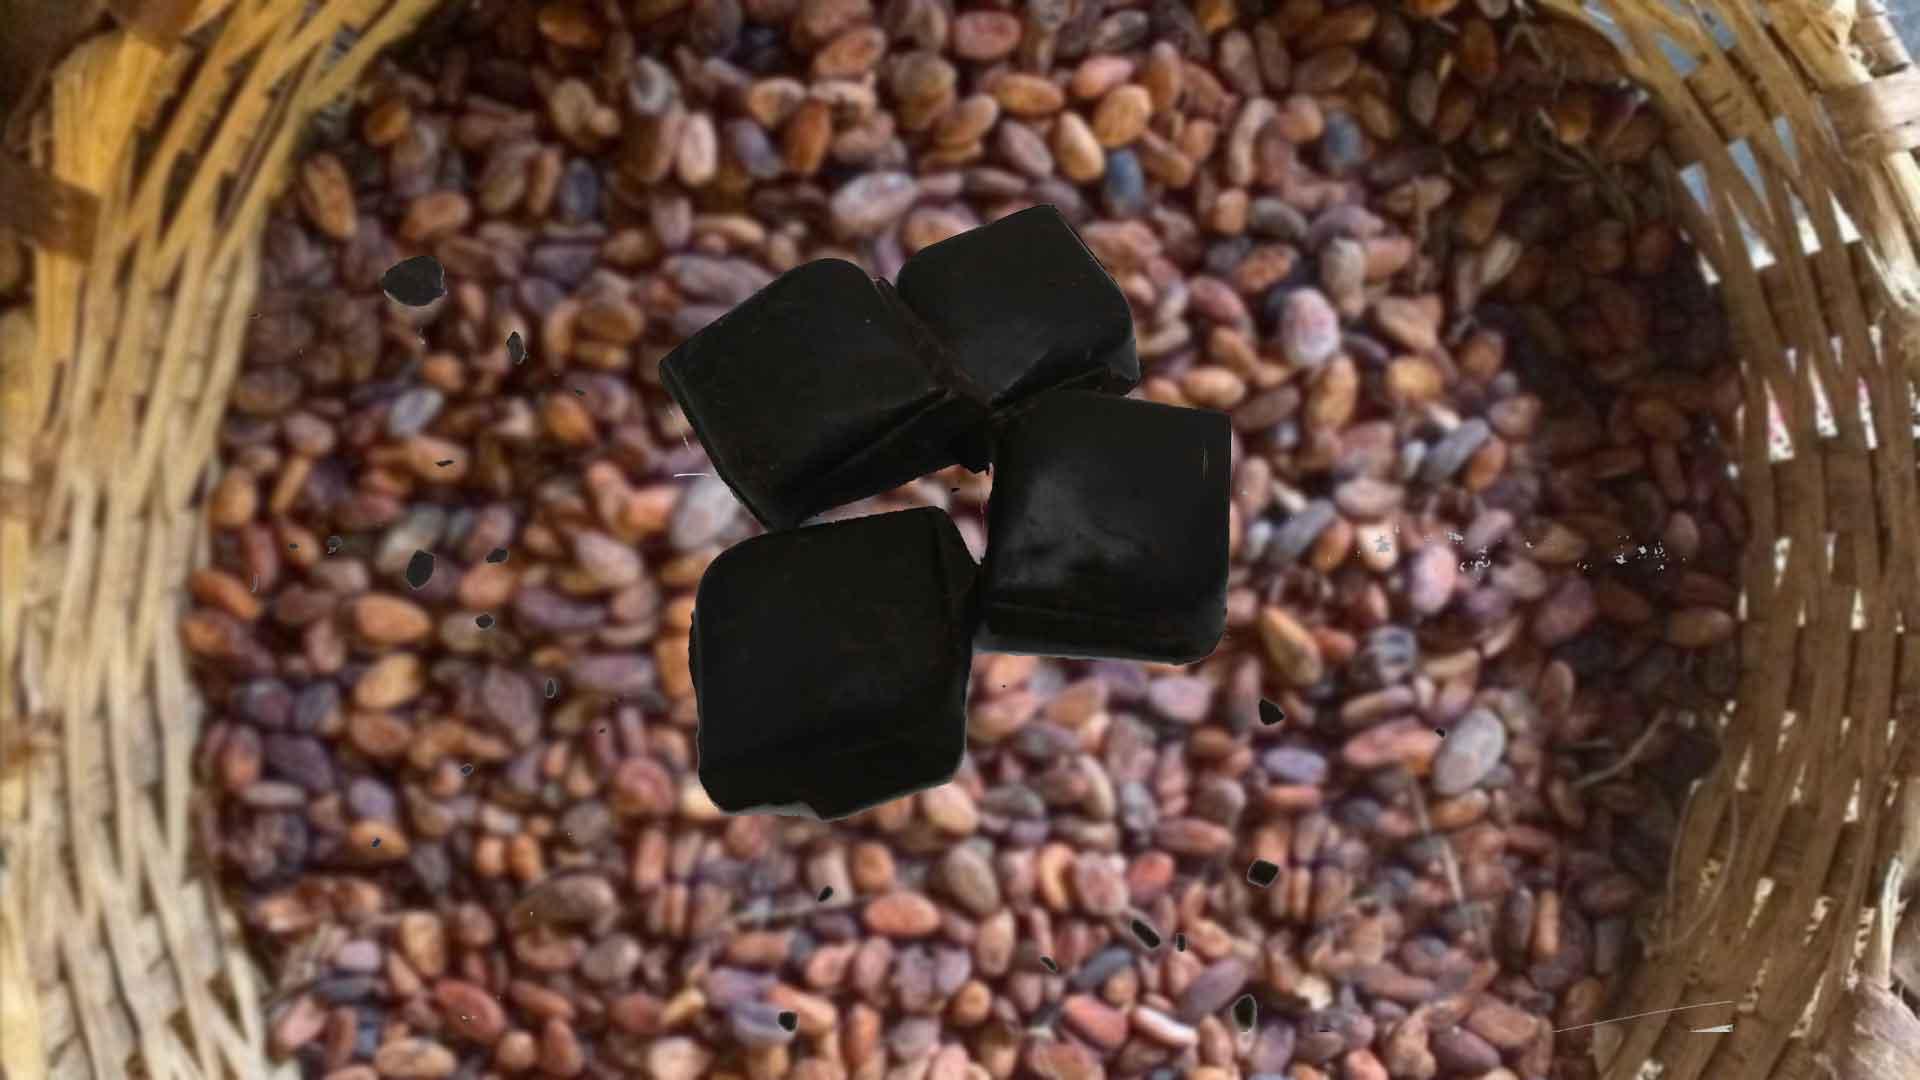 En Çok Kakao Üretimi Yapan Ülkeler